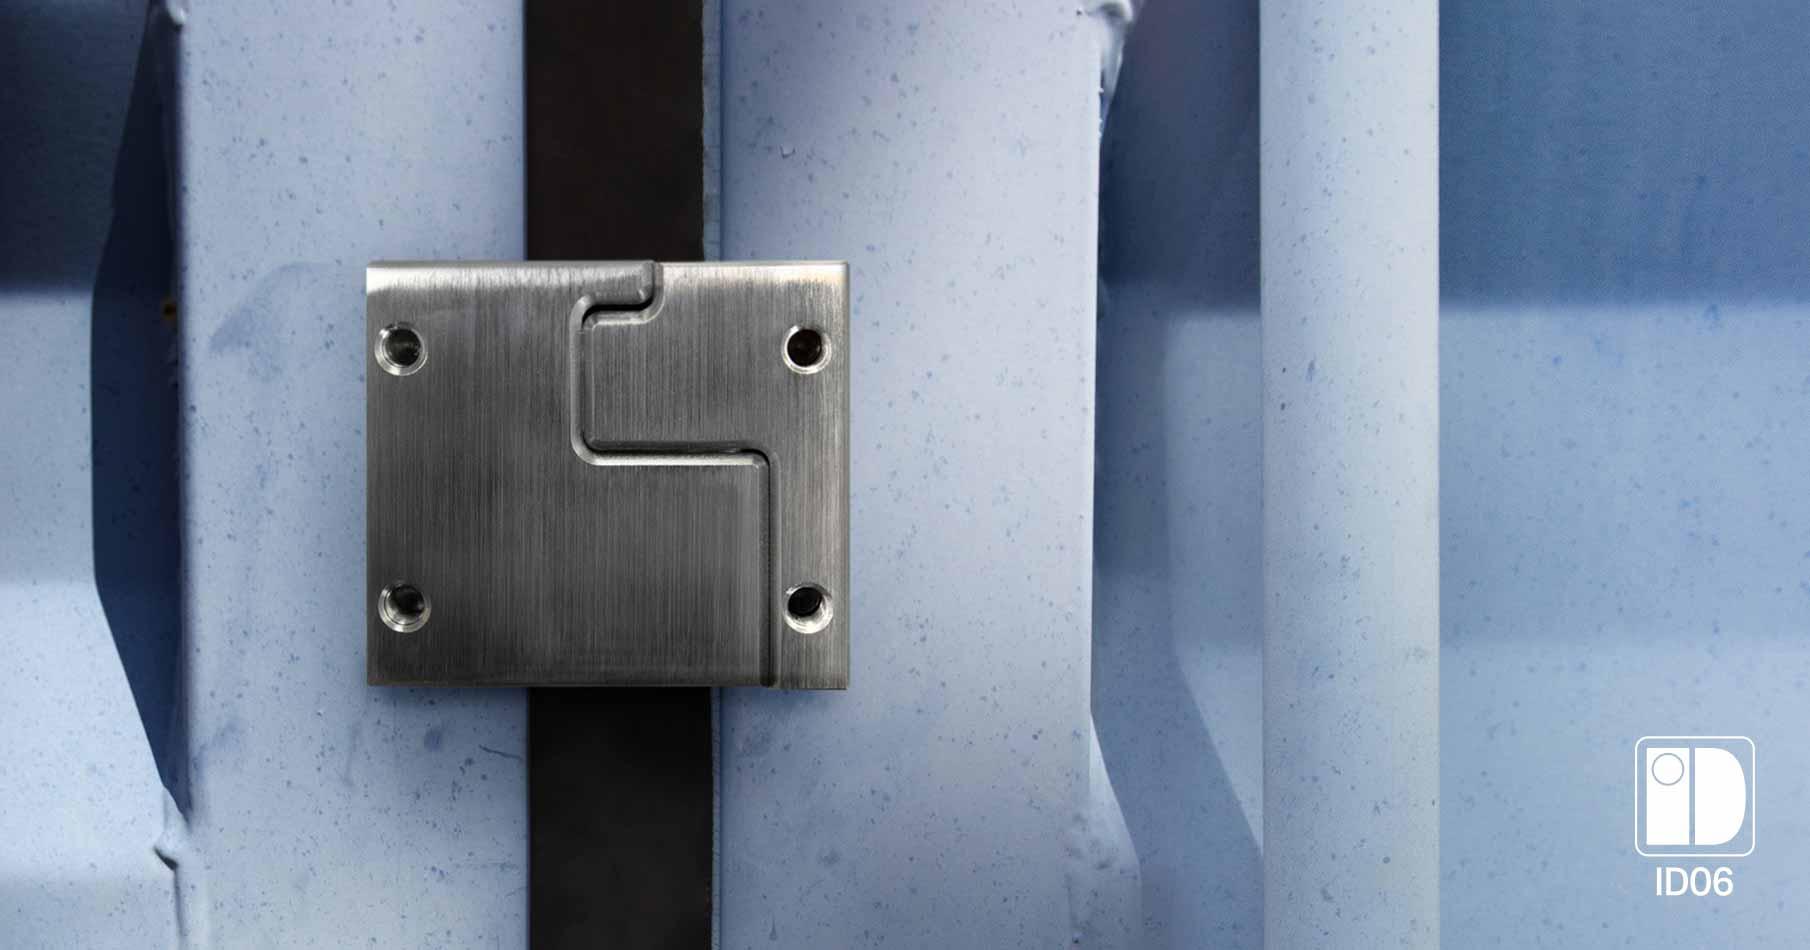 Containerlås i metall i närbild på en blå container